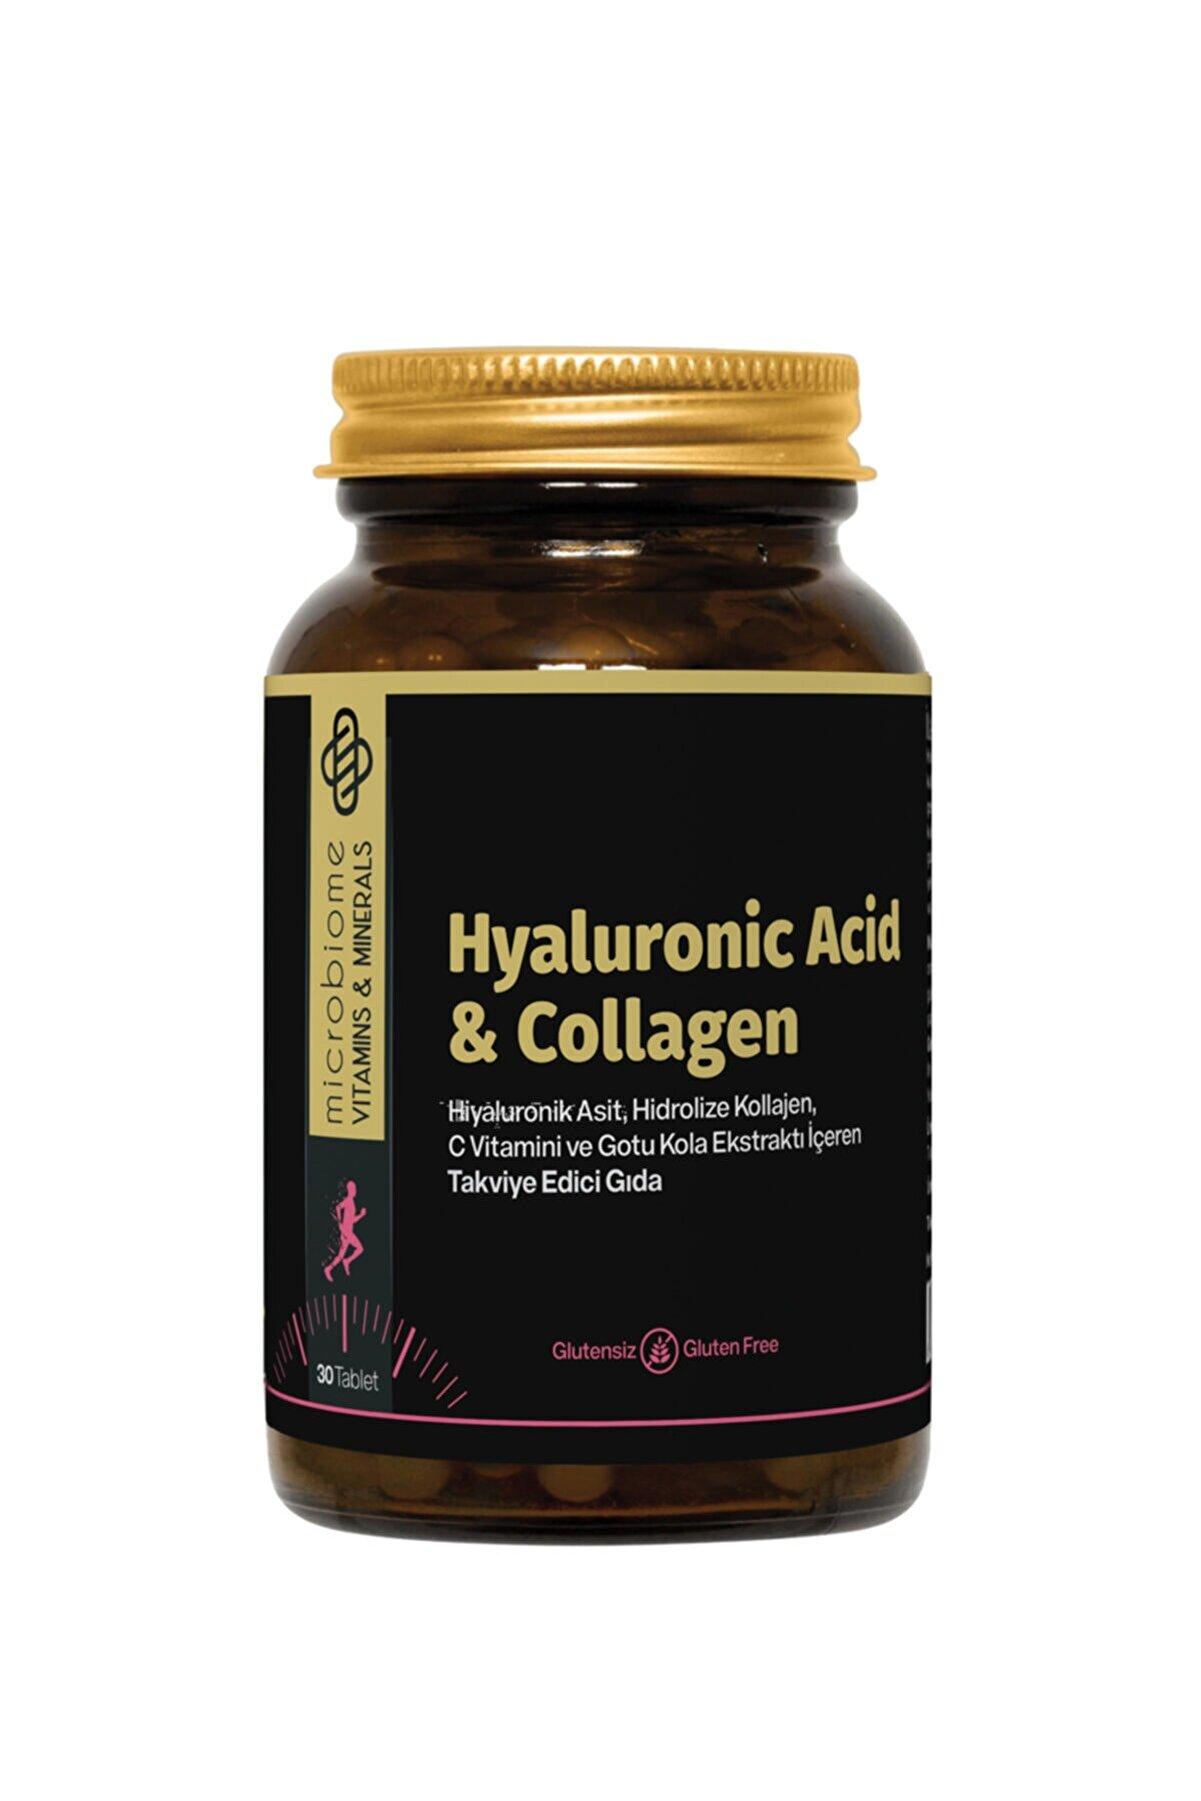 Microbiome Collagen & Hyaluronıc Acid 30 Tablet